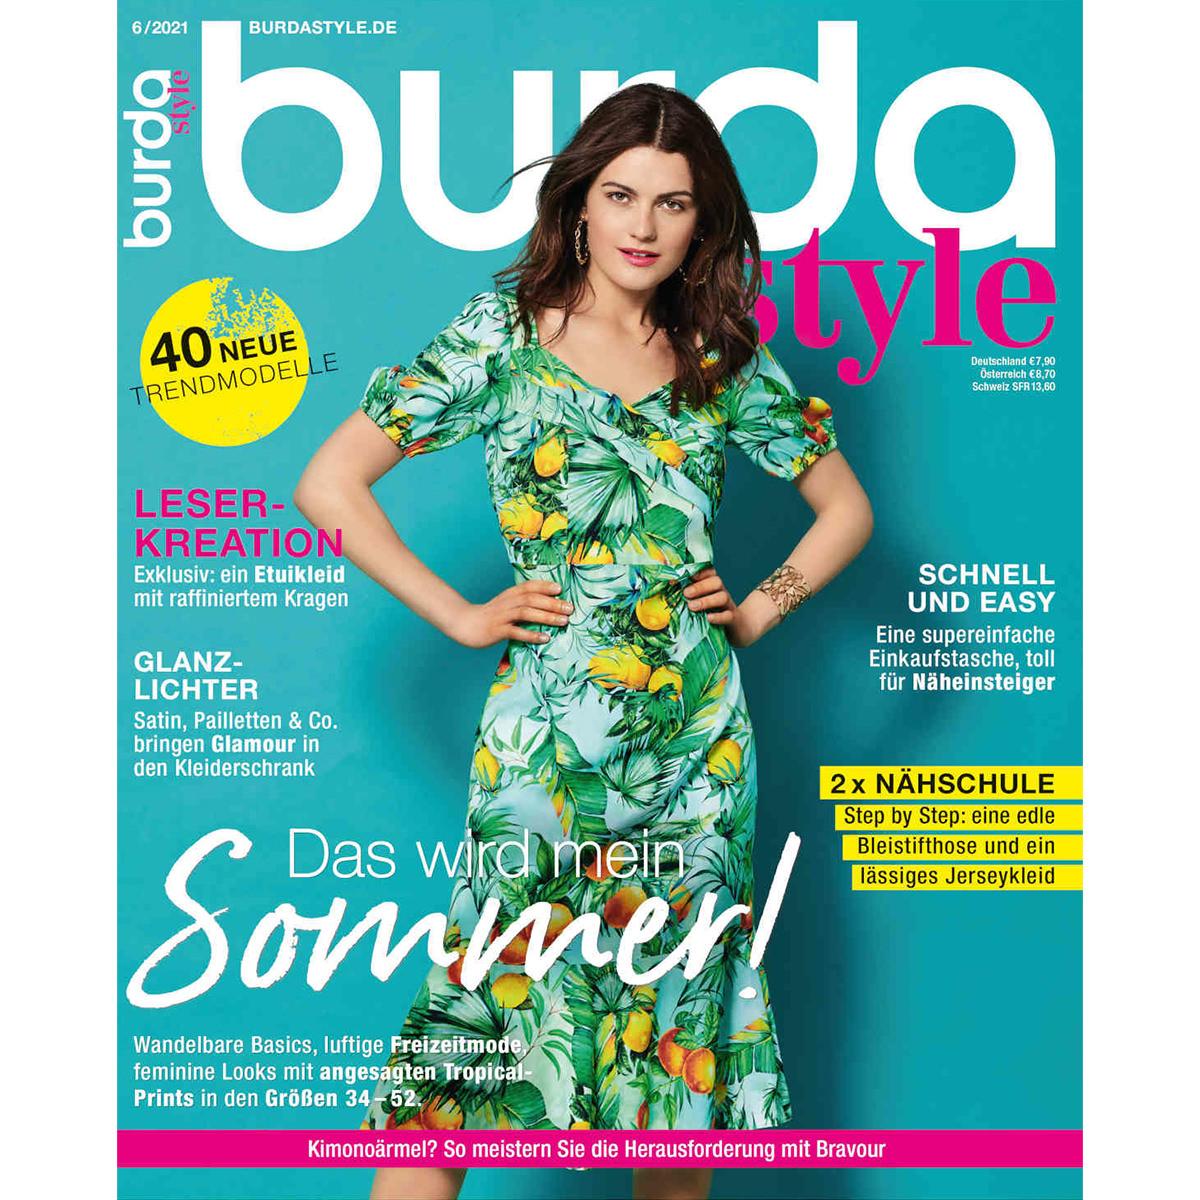 burda style Ausgabe Juni 2021